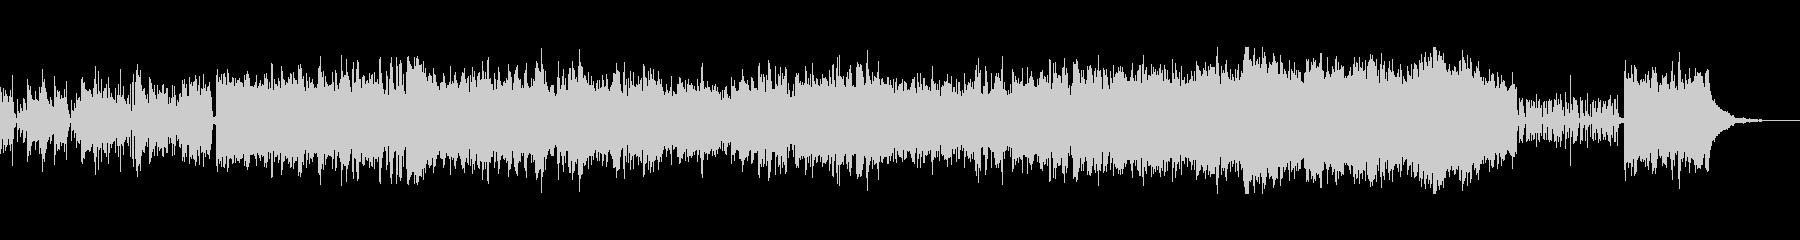 躍動感のあるメロディの疾走系ケルトの未再生の波形